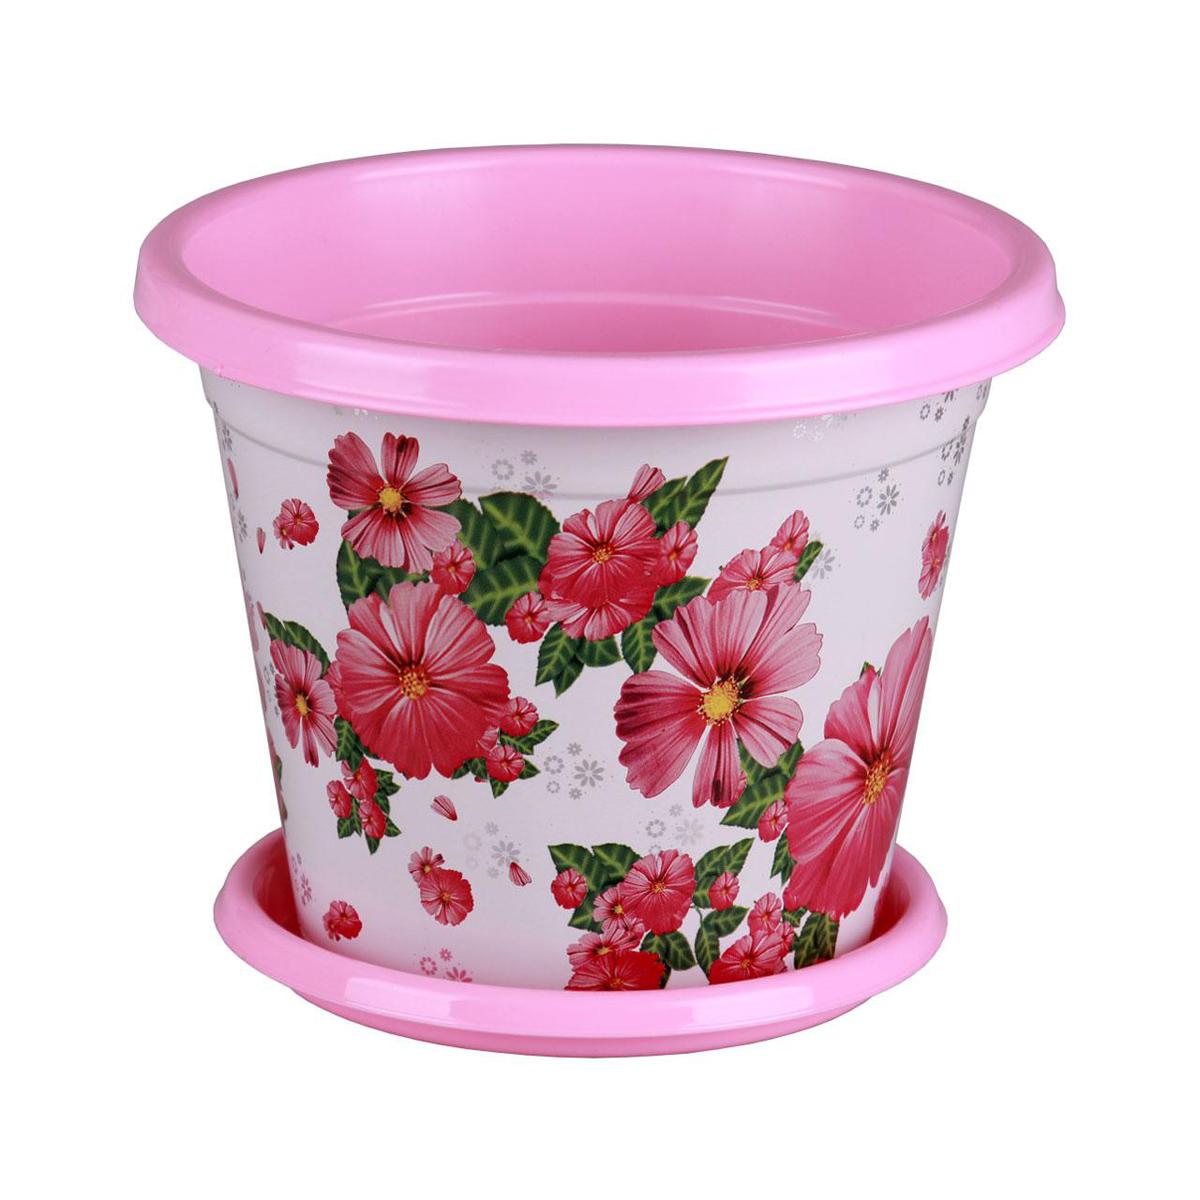 Горшок-кашпо Альтернатива Космея, с поддоном, цвет: белый, розовый, 3 лМ4039Горшок-кашпо Альтернатива Космея изготовлен из высококачественного пластика и подходит для выращивания растений и цветов в домашних условиях. Такие изделия часто становятся последним штрихом, который совершенно изменяет интерьер помещения или ландшафтный дизайн сада. Благодаря такому горшку-кашпо вы сможете украсить вашу комнату, офис, сад и другие места. Изделие оснащено специальным поддоном и декорировано ярким изображением цветов. Объем горшка: 3 л. Диаметр горшка (по верхнему краю): 21 см. Высота горшка: 17,5 см. Диаметр поддона: 16 см.